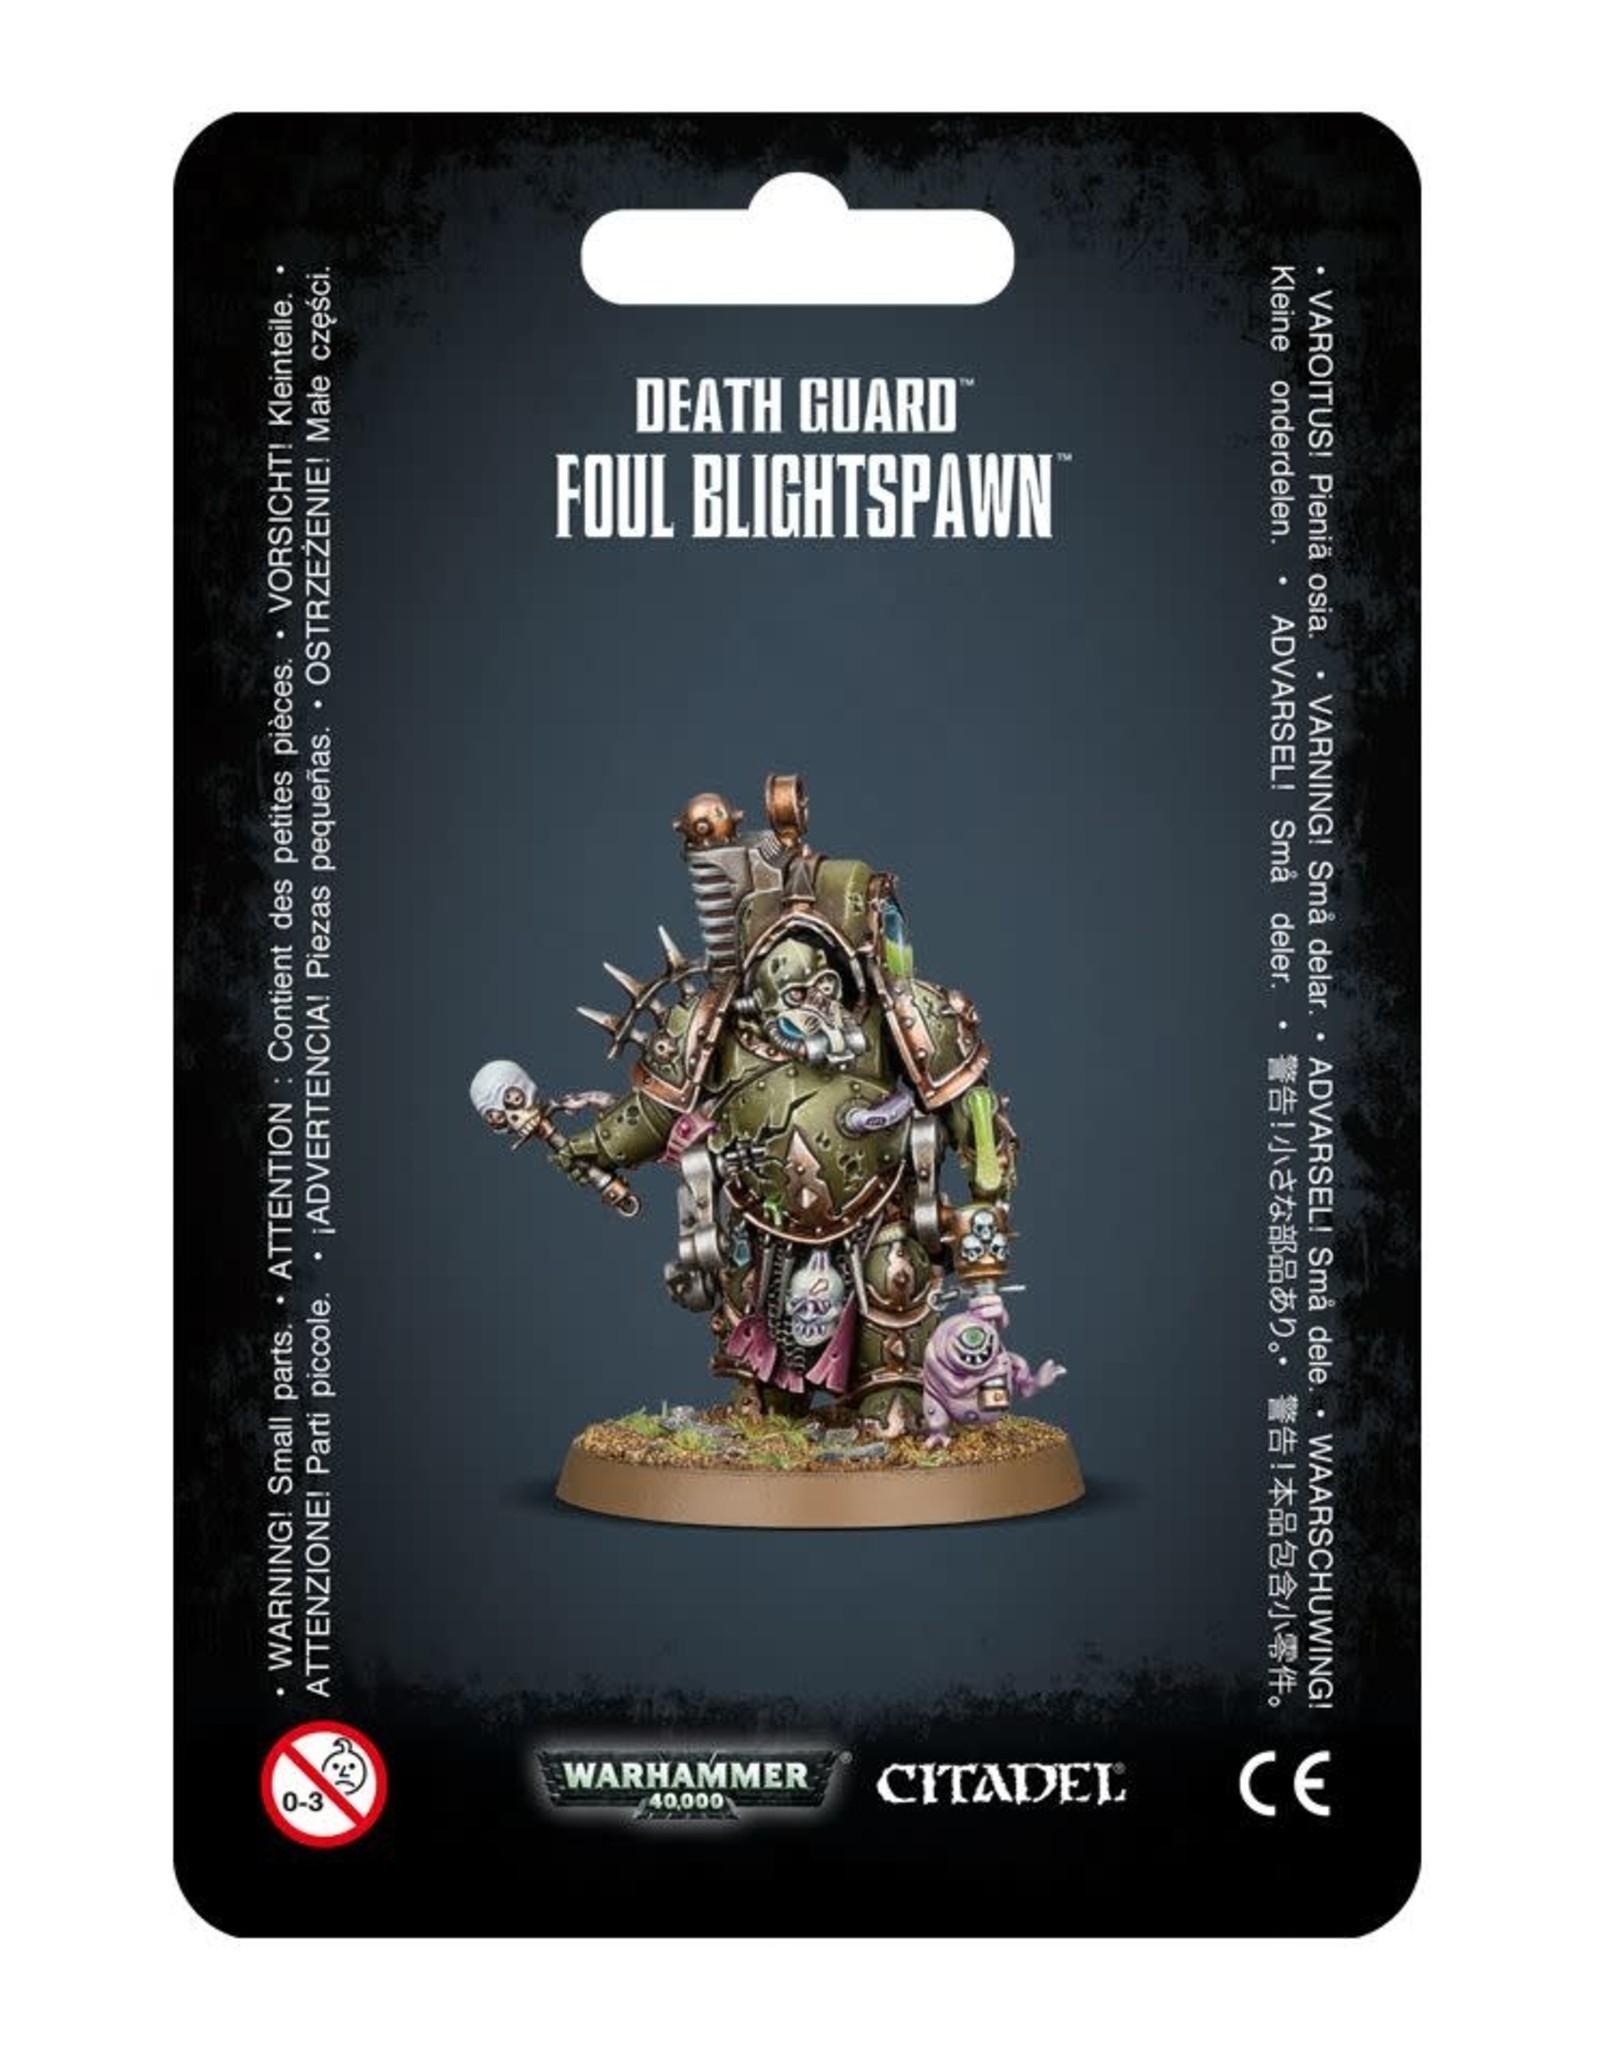 Warhammer 40K Death Guard Foul Blightspawn